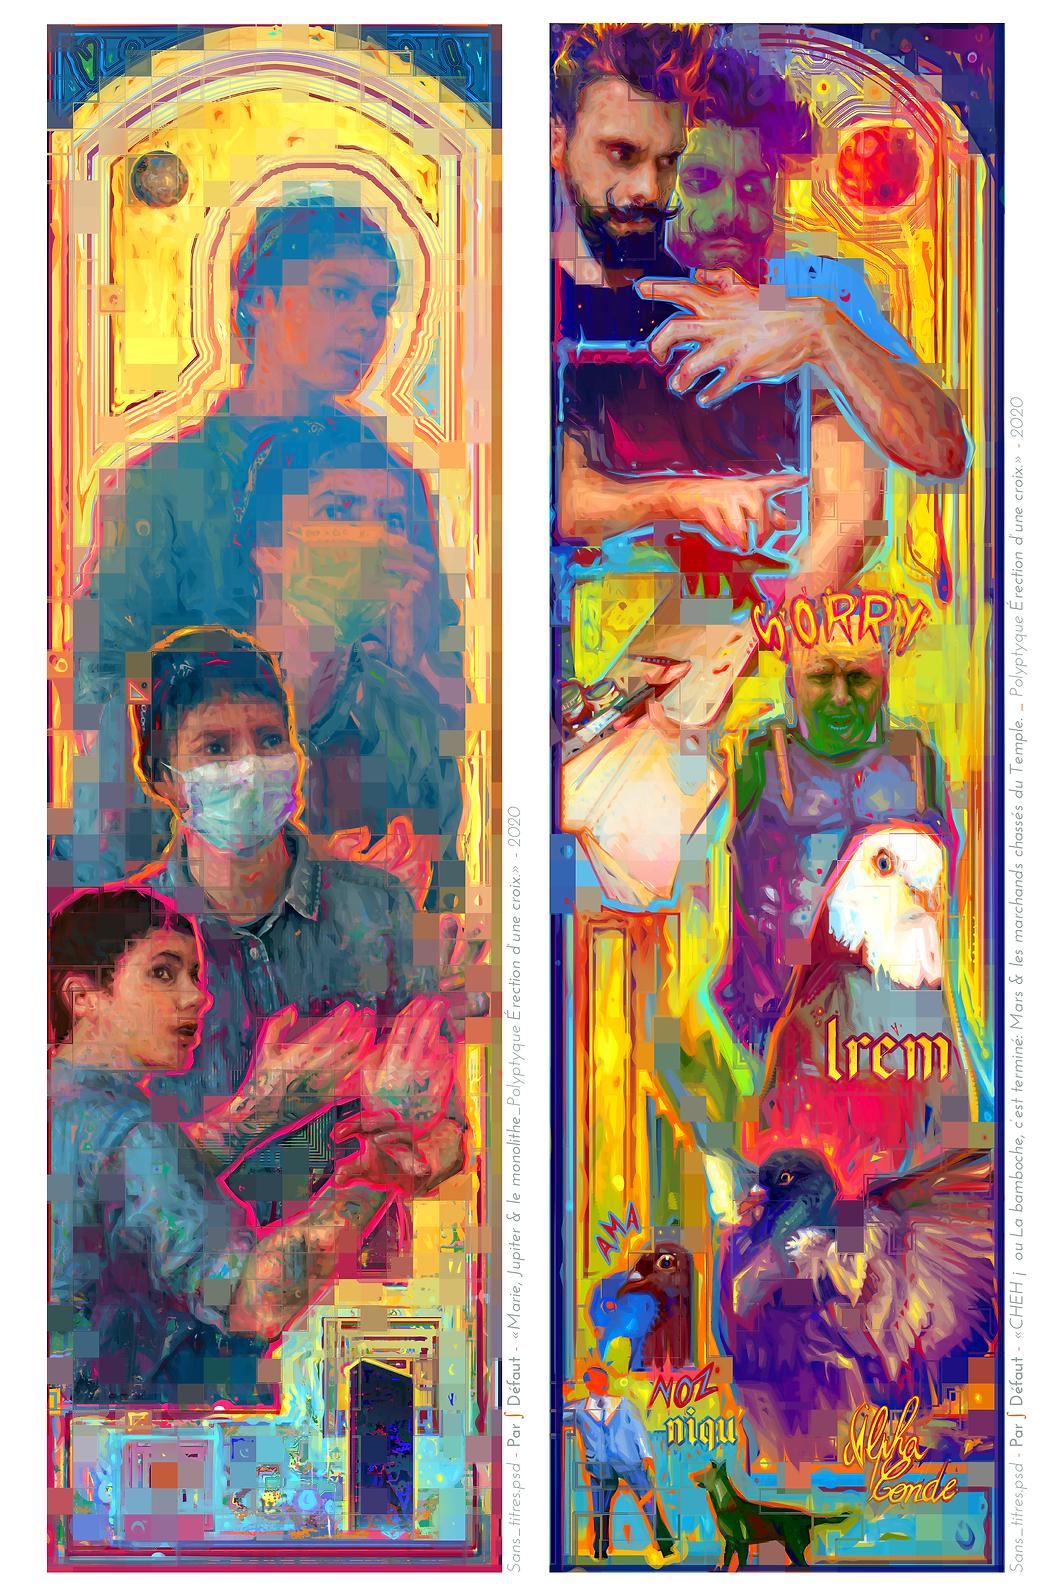 Digital Painting. Concept Art. Figurative Portrait. Donald Trump.